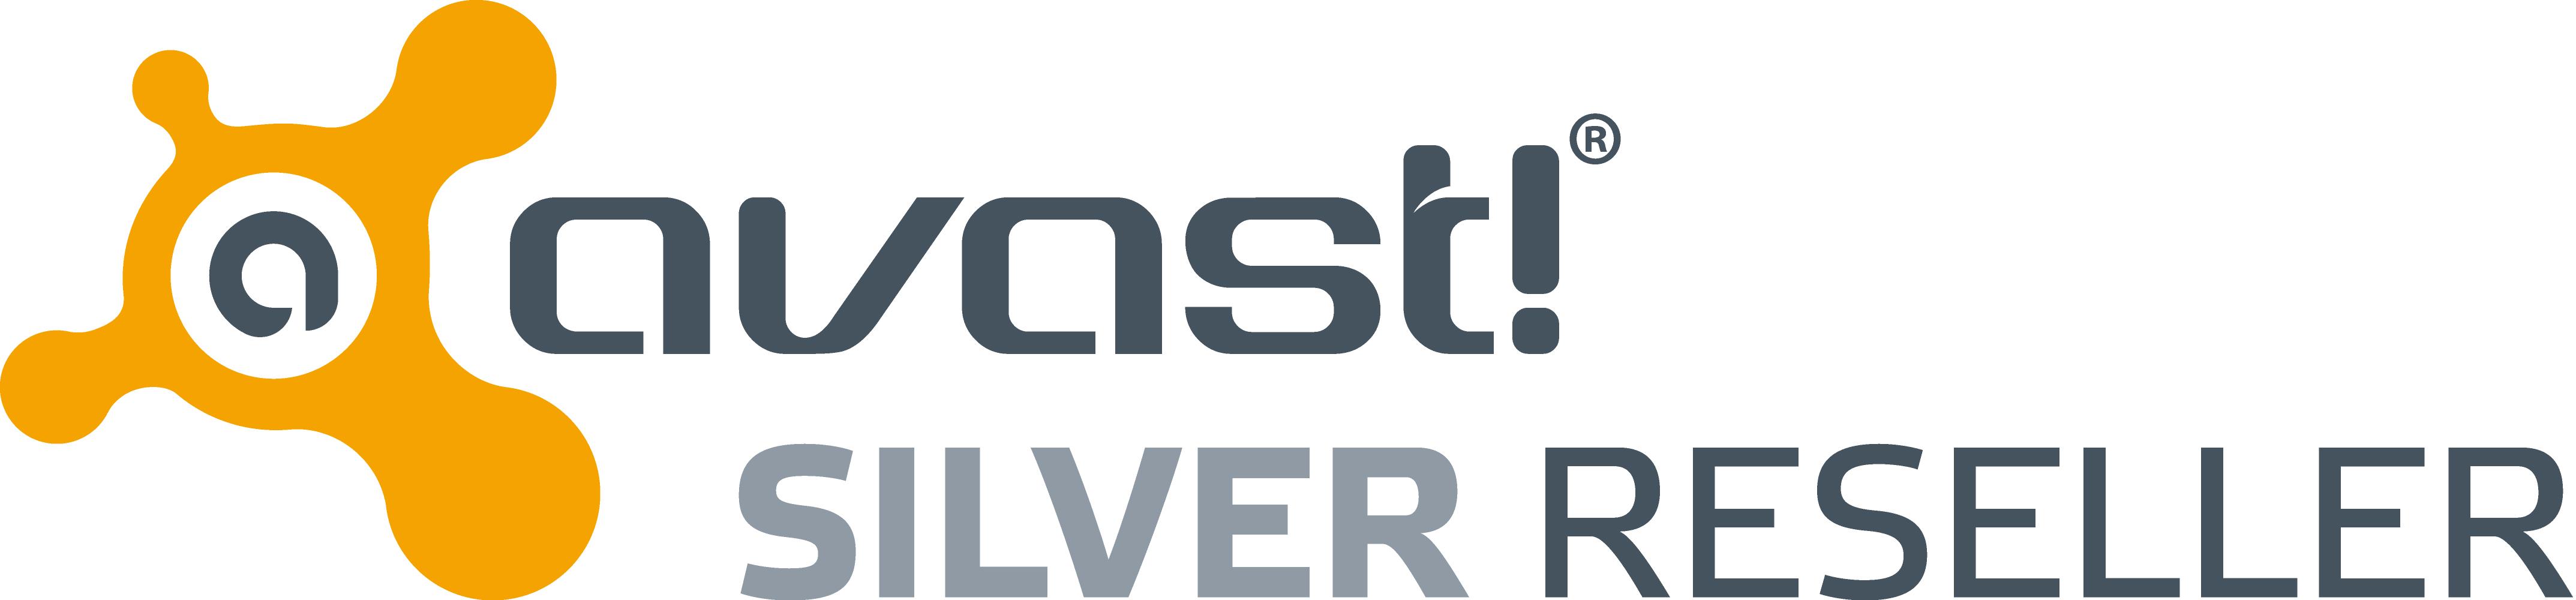 avast_big_logo_silver